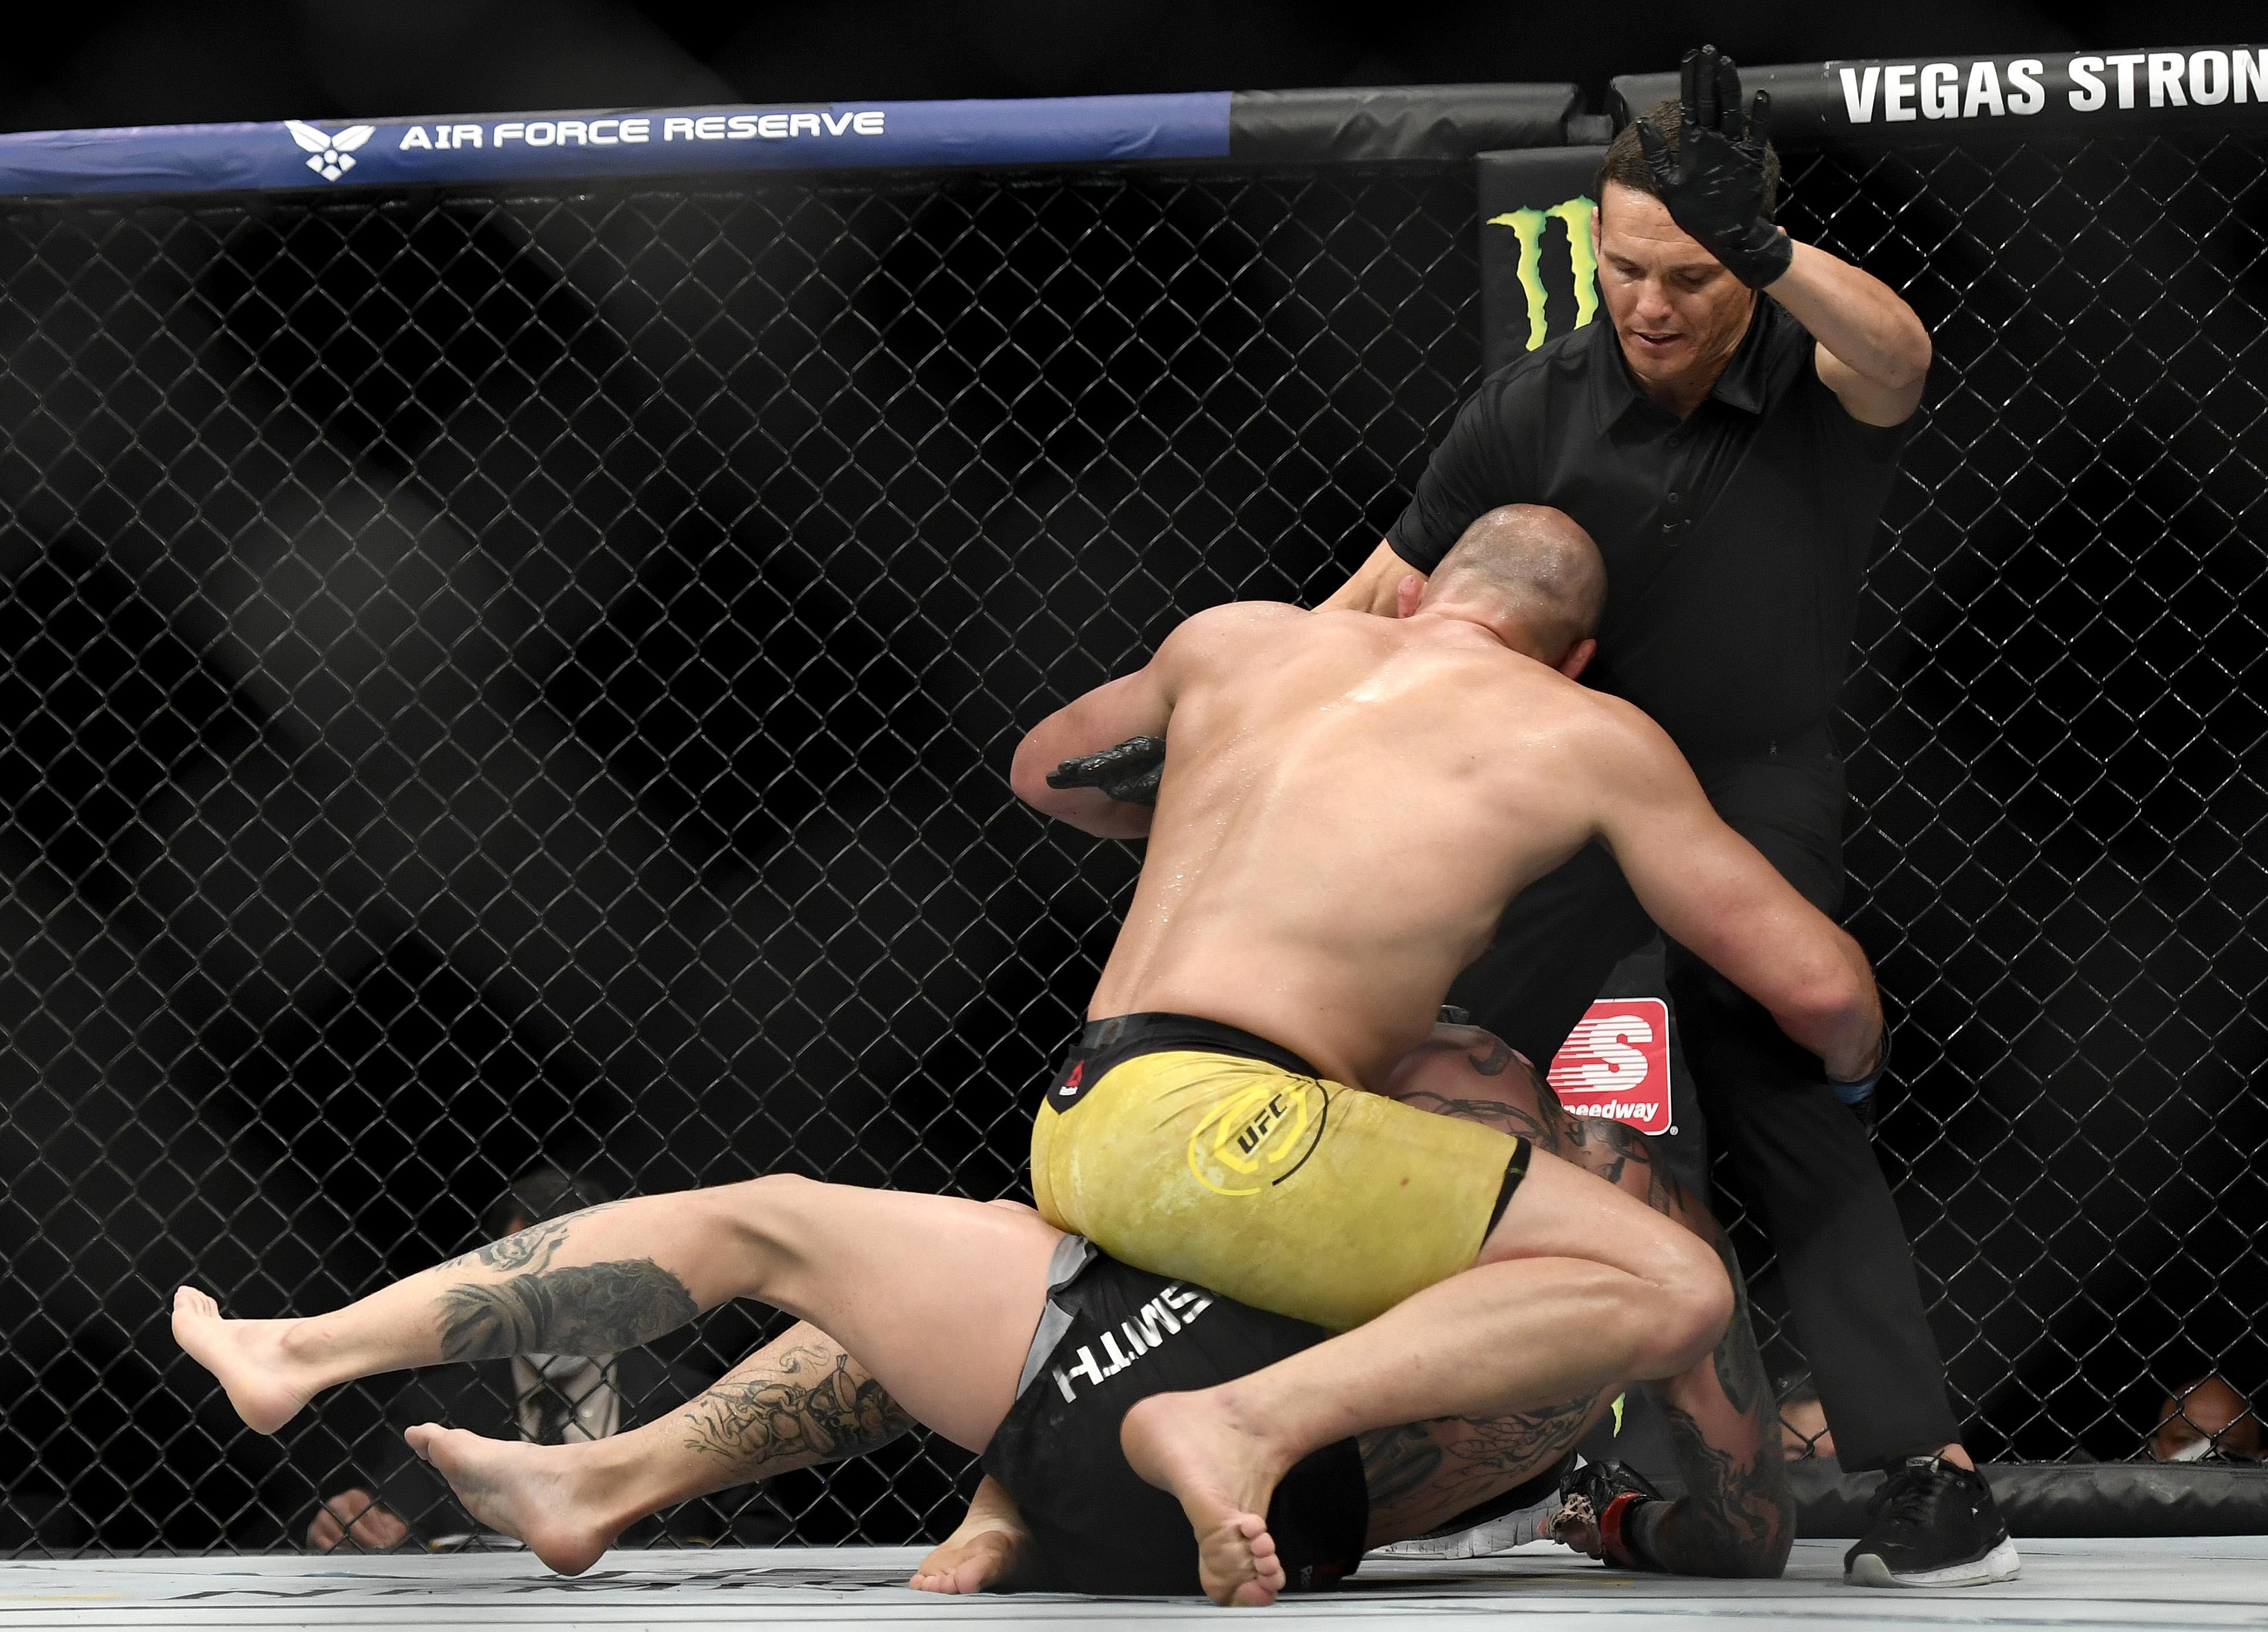 Meccs közben kért bocsánatot az ellenfelétől a püfölésért a brazil MMA-s